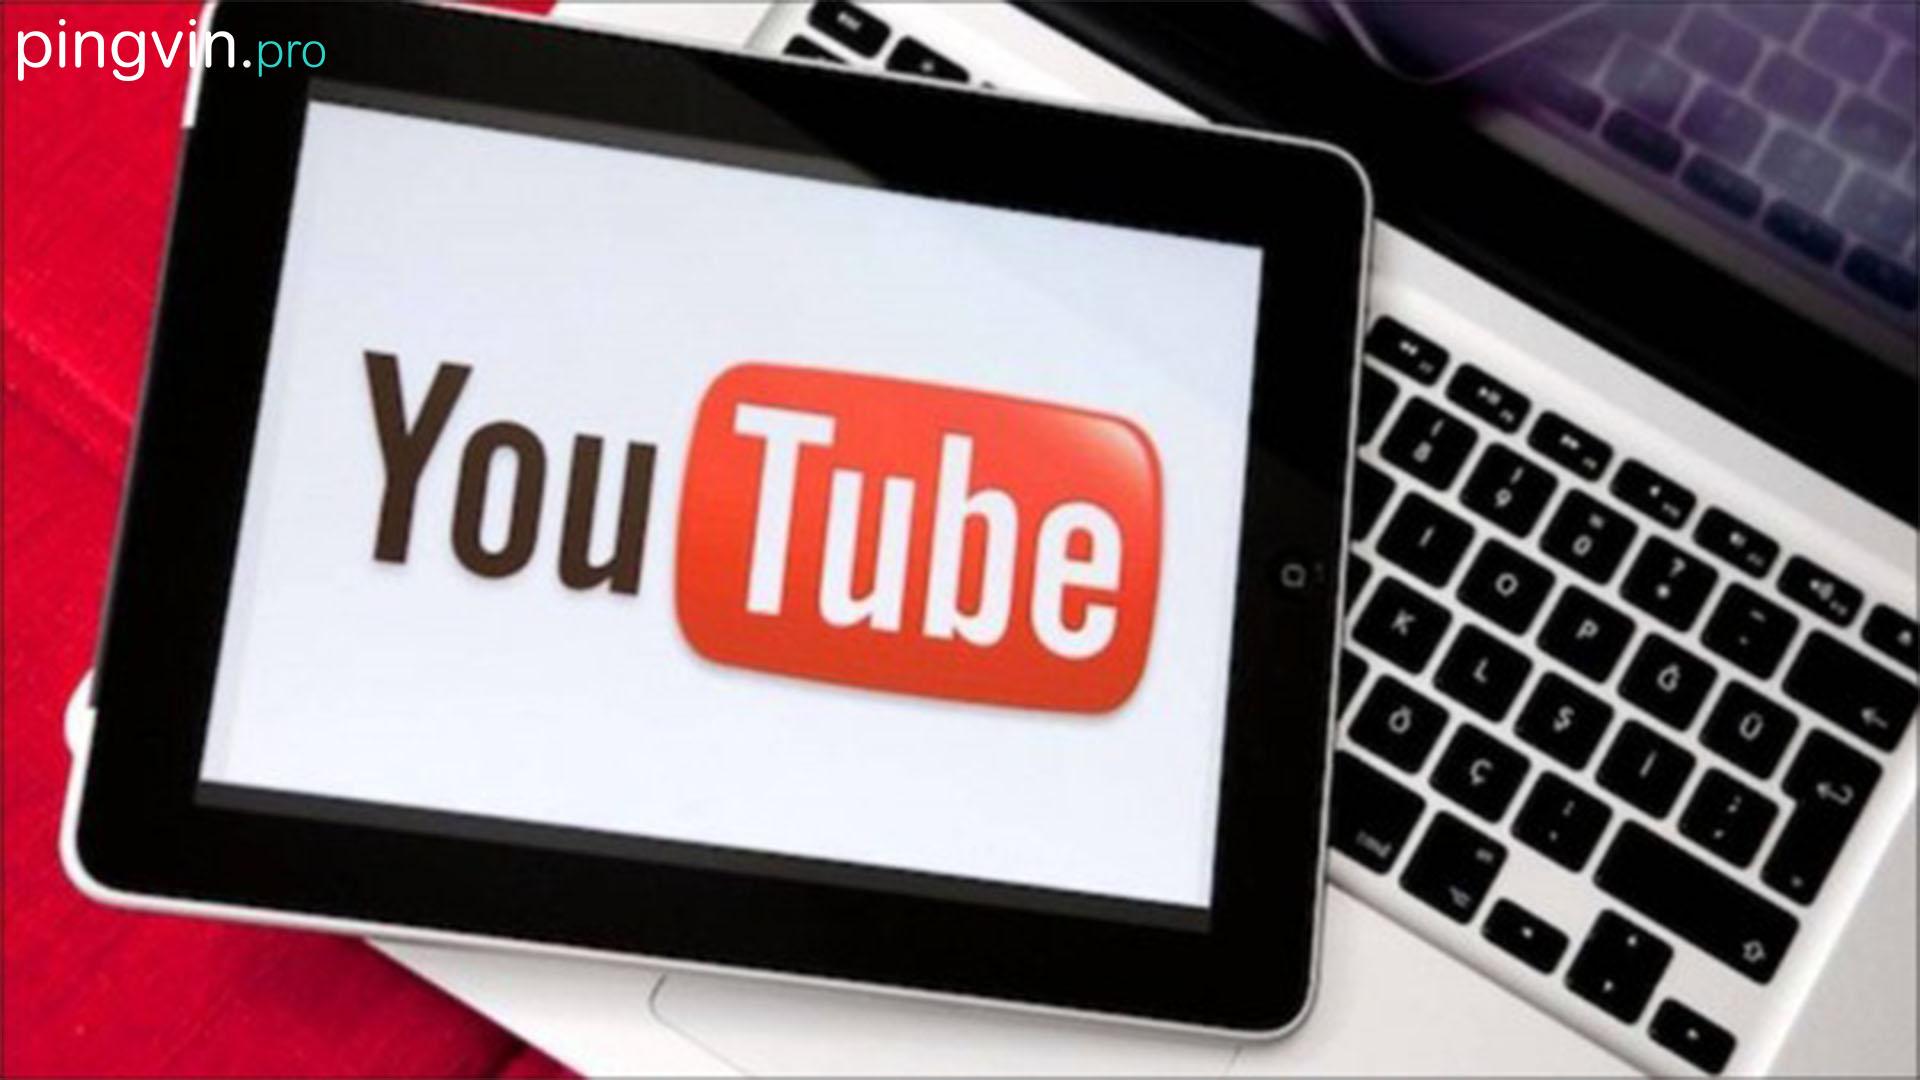 YouTube зменшить кількість шкідливого контенту